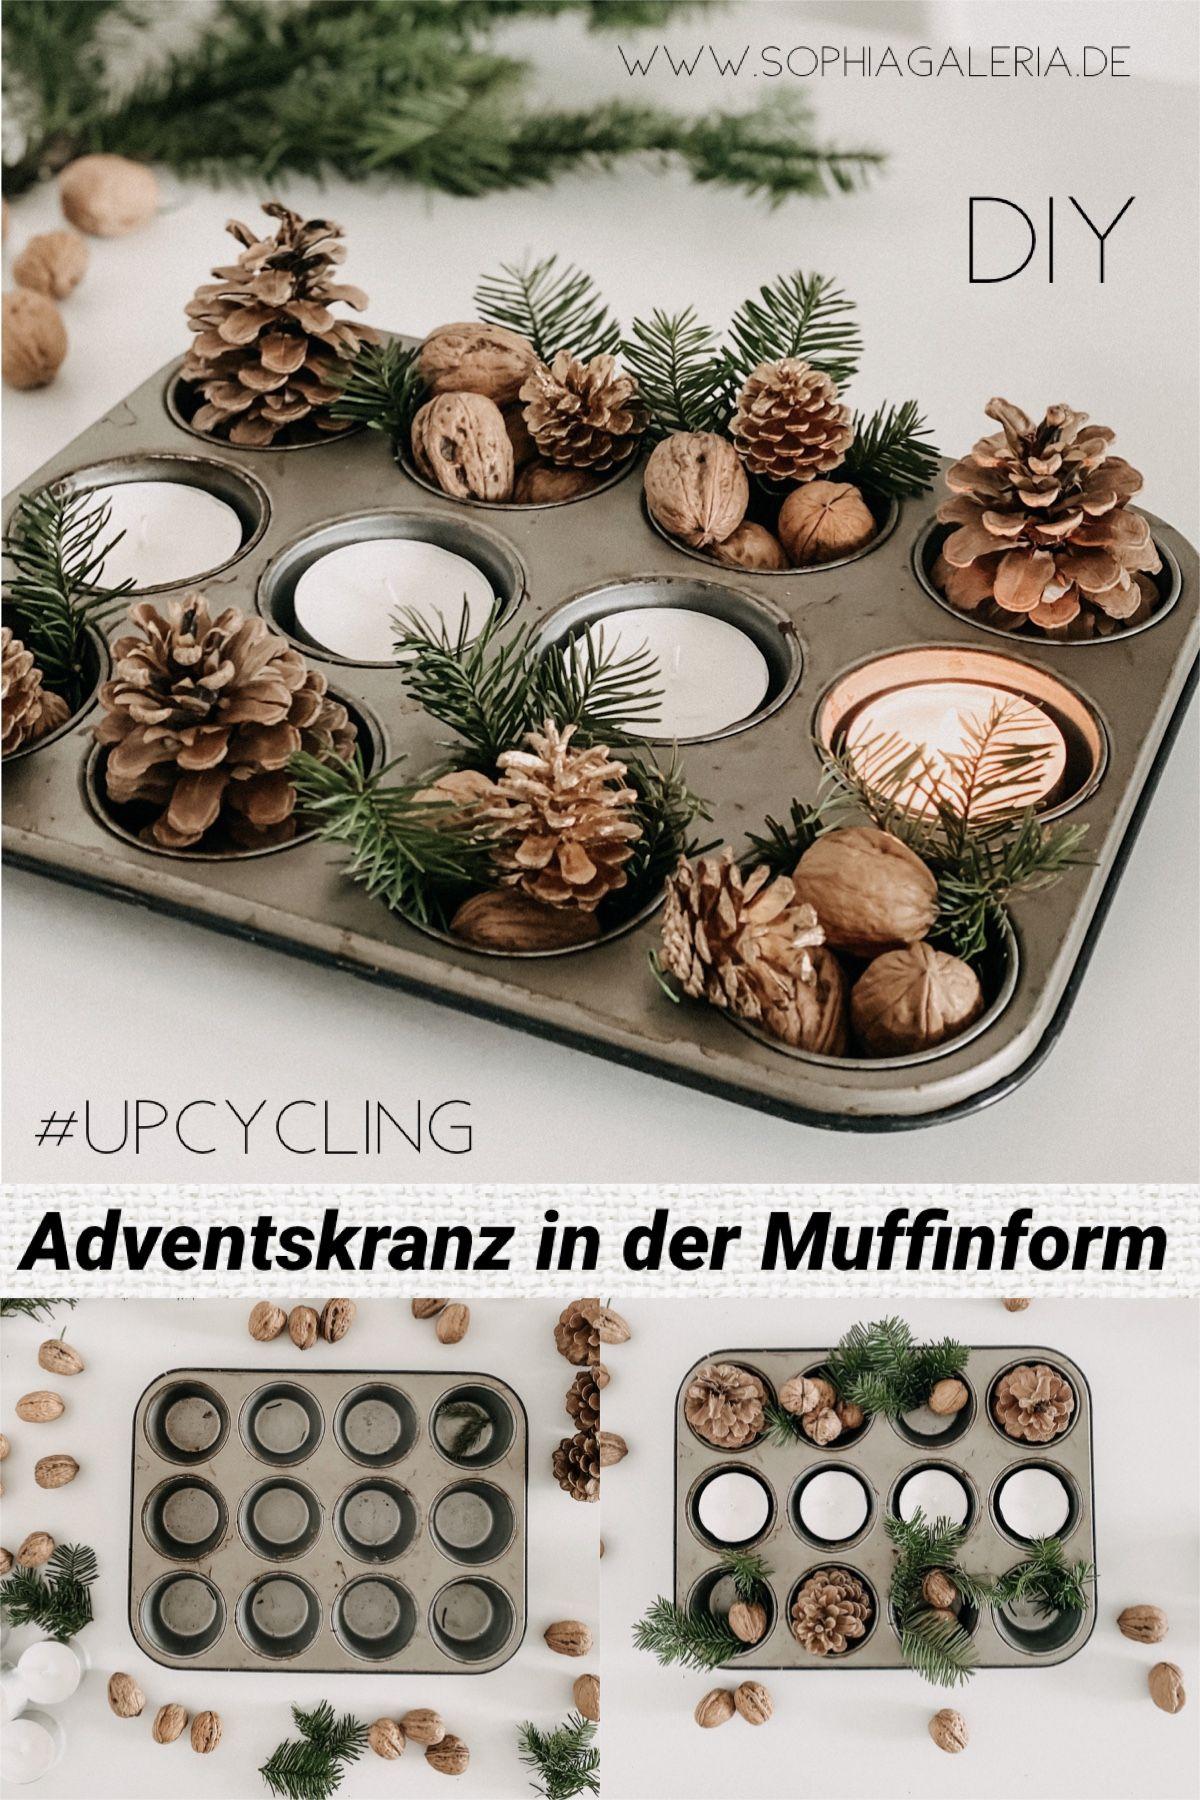 Upcycling DIY Adventskranz in der Muffinform mit Nüssen